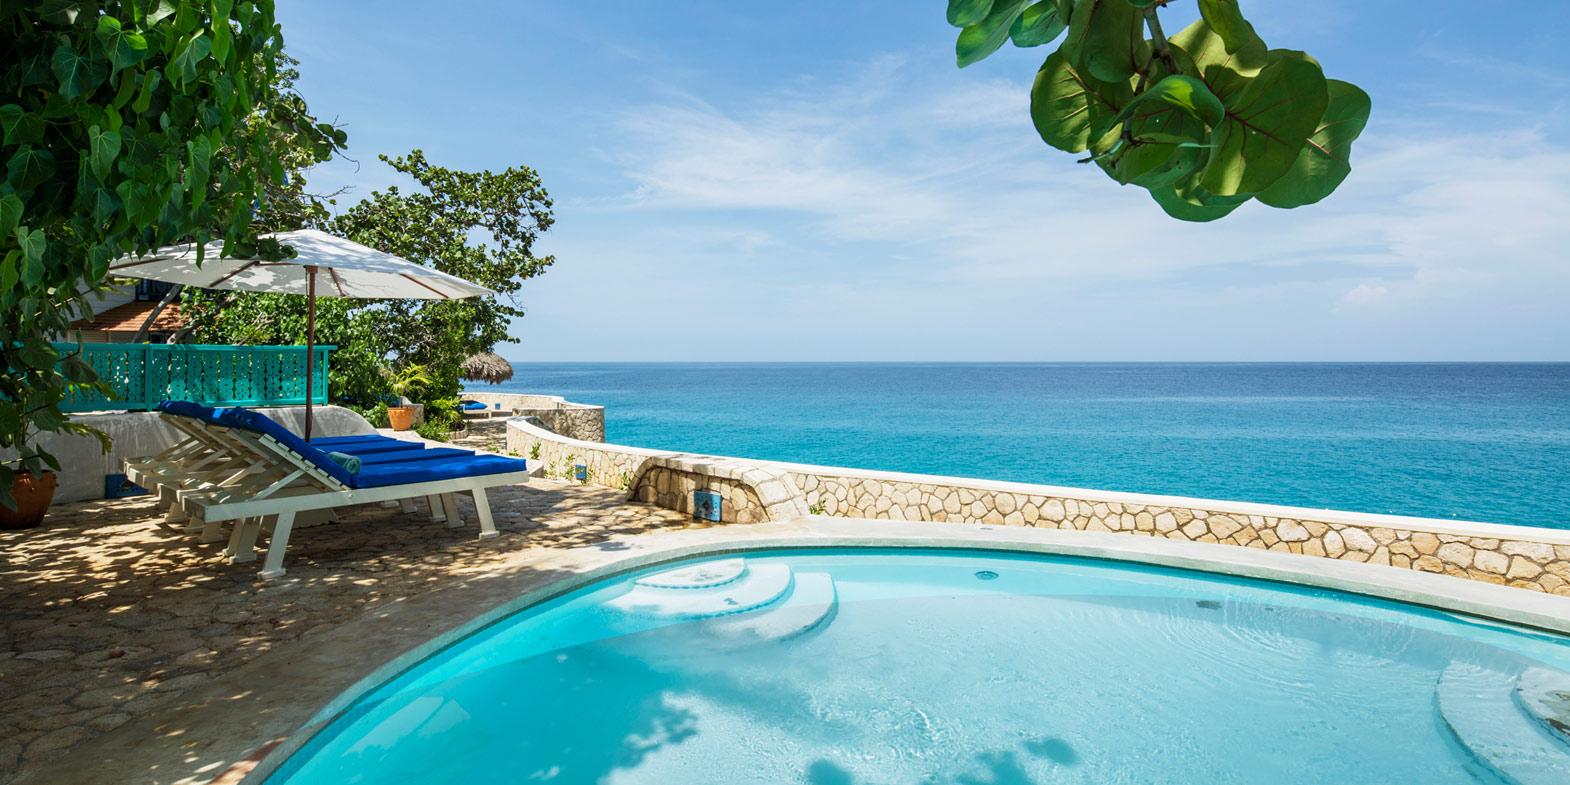 Hoteles con encanto reggae sol y playa en un santuario - Hoteles con encanto en tarifa ...